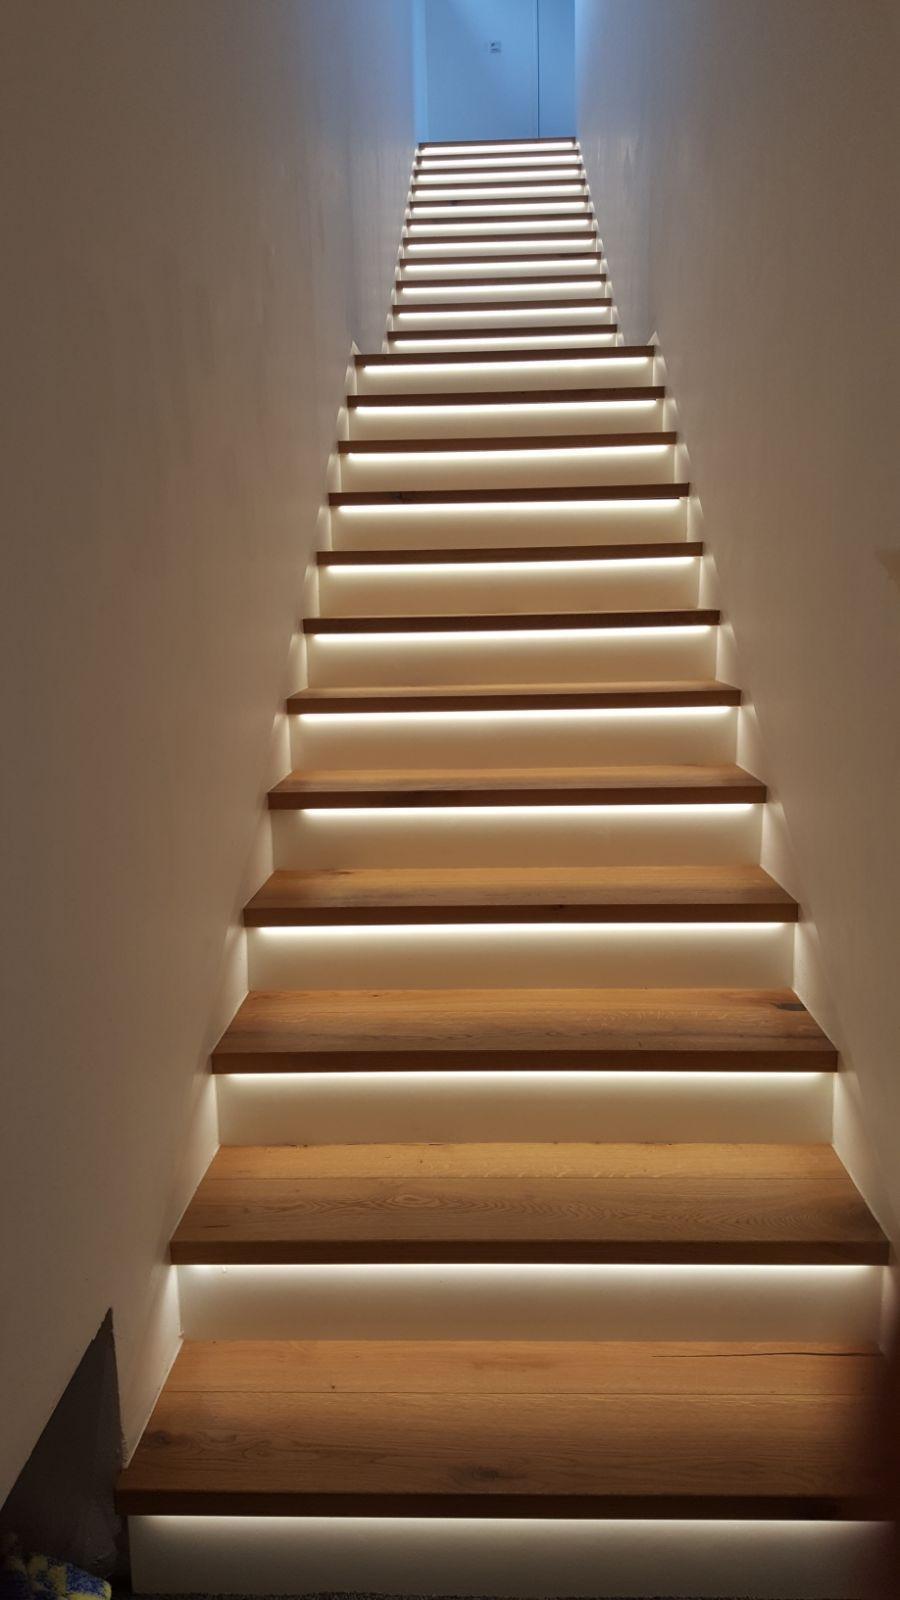 Beleuchtung Der Treppe Beleuchtung Der Lichter Treppe In 2020 Treppenbeleuchtung Treppenhaus Beleuchtung Treppe Haus